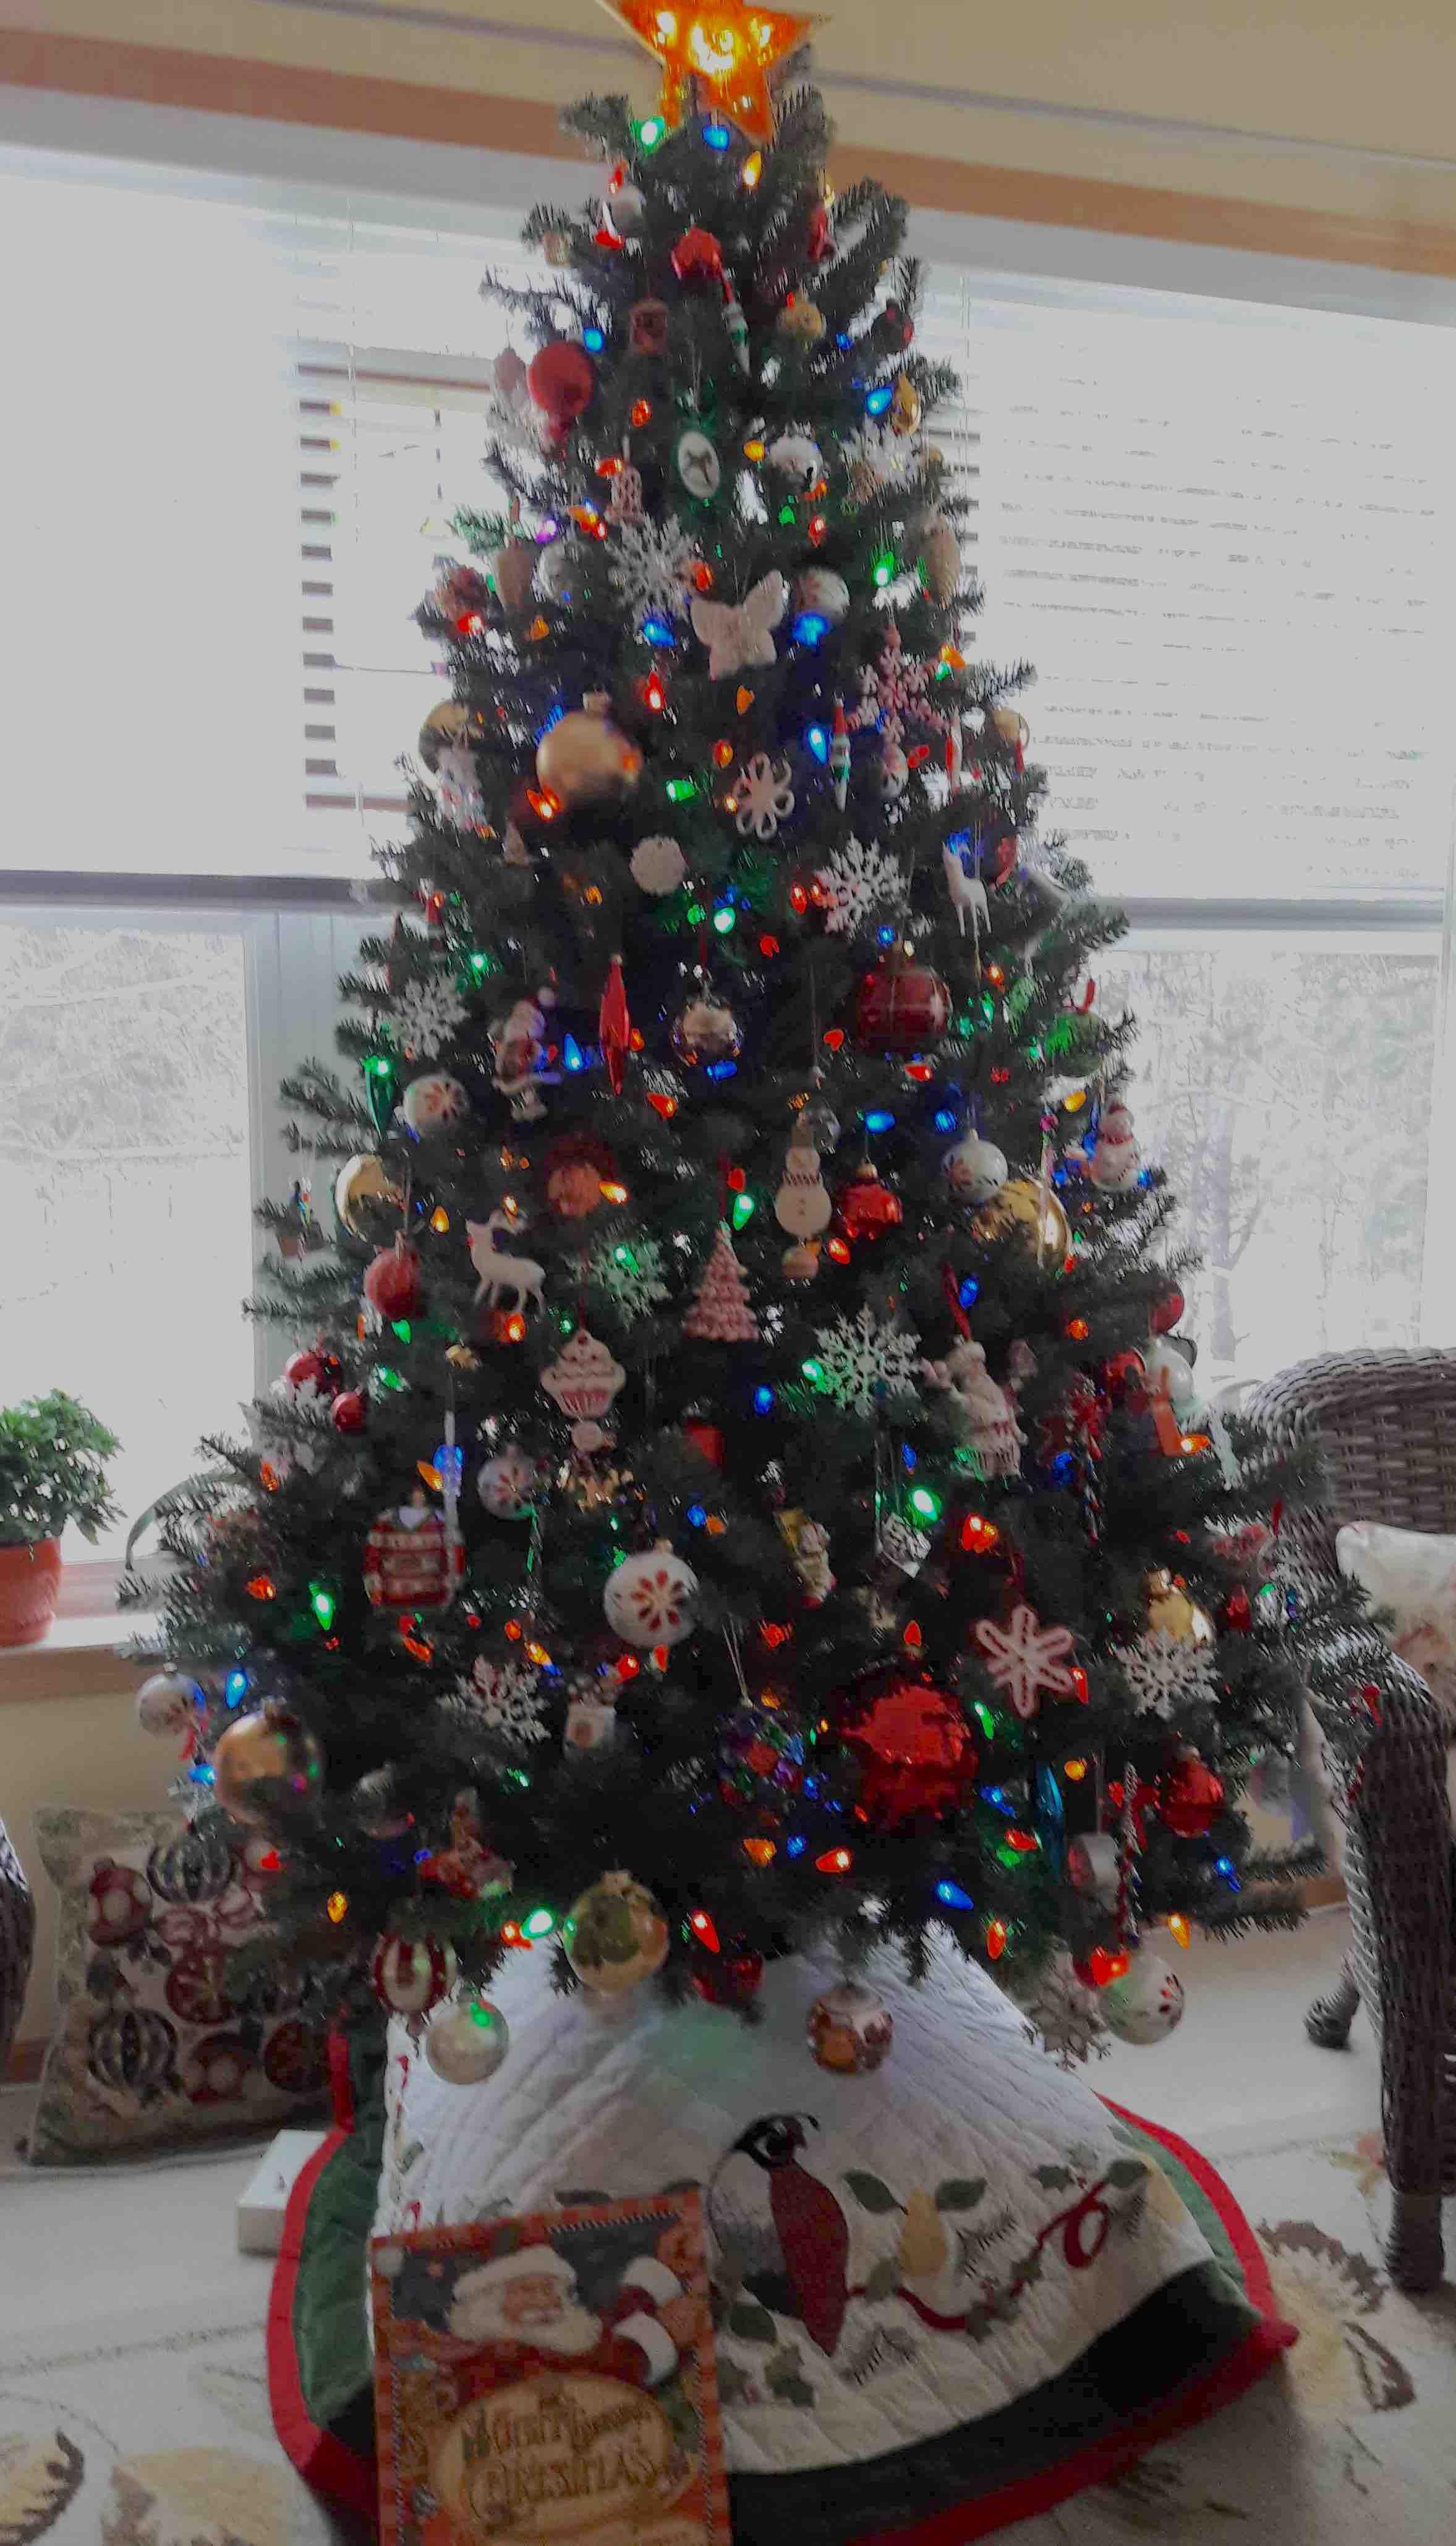 Tree 2018-11-28 09.58.47 copy.jpg